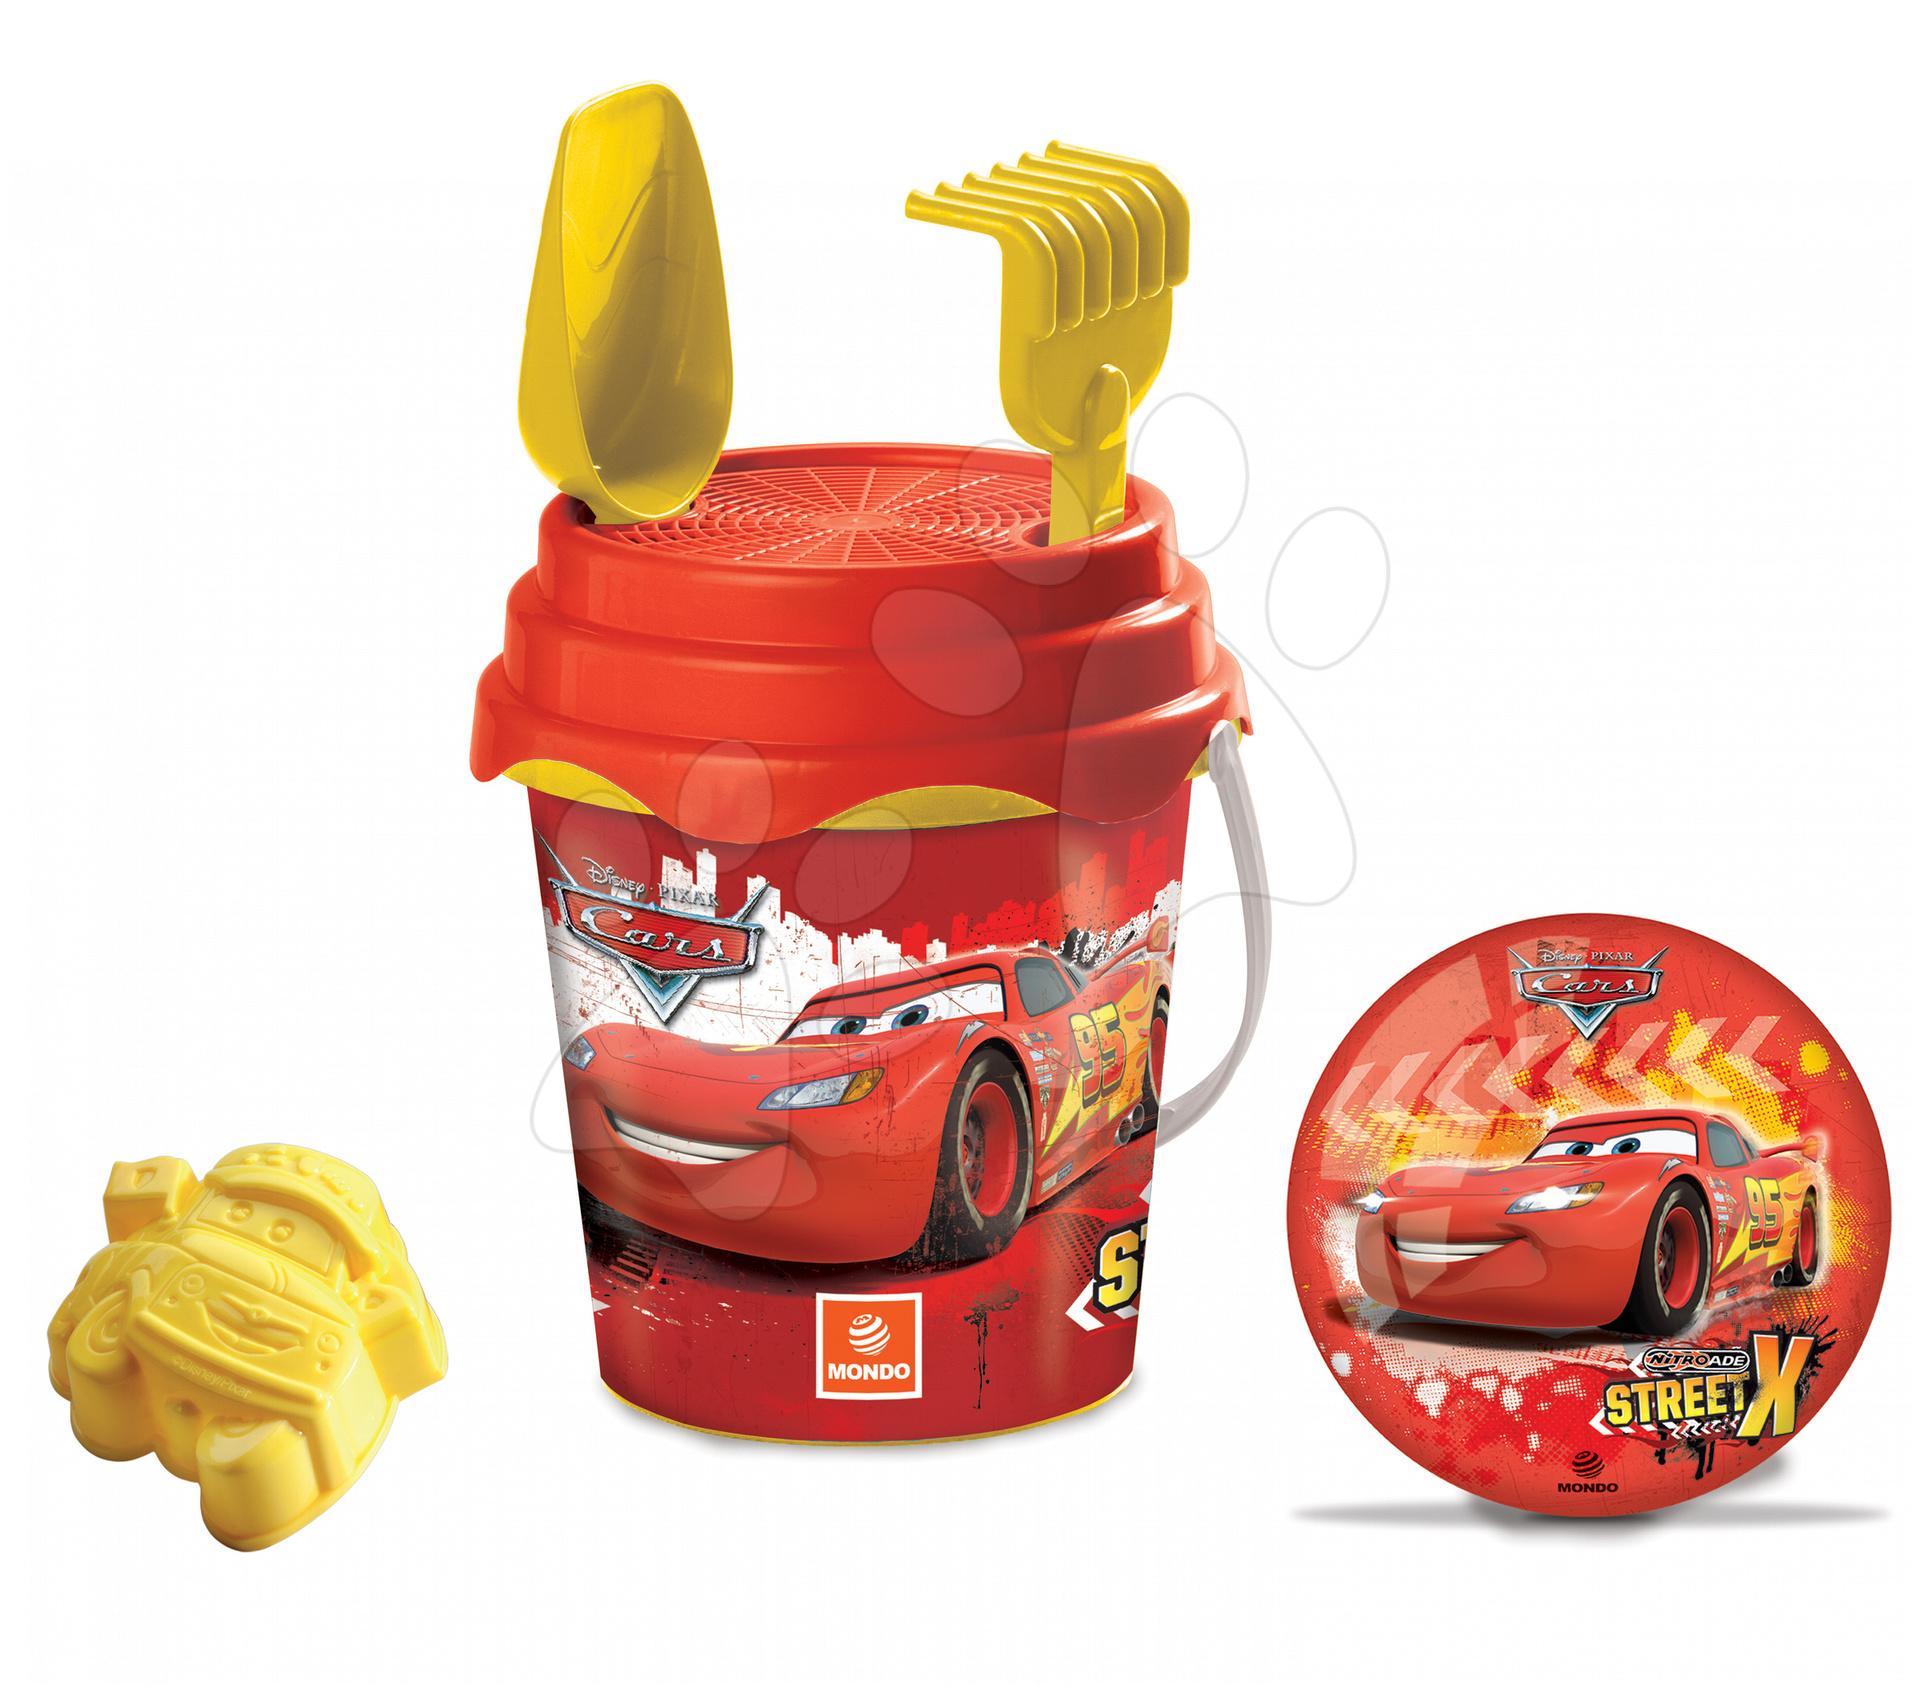 Kbelíky do písku - Kbelík set s míčem Cars Mondo 5 dílů (výška kbelíku 17 cm) červeno-žlutý